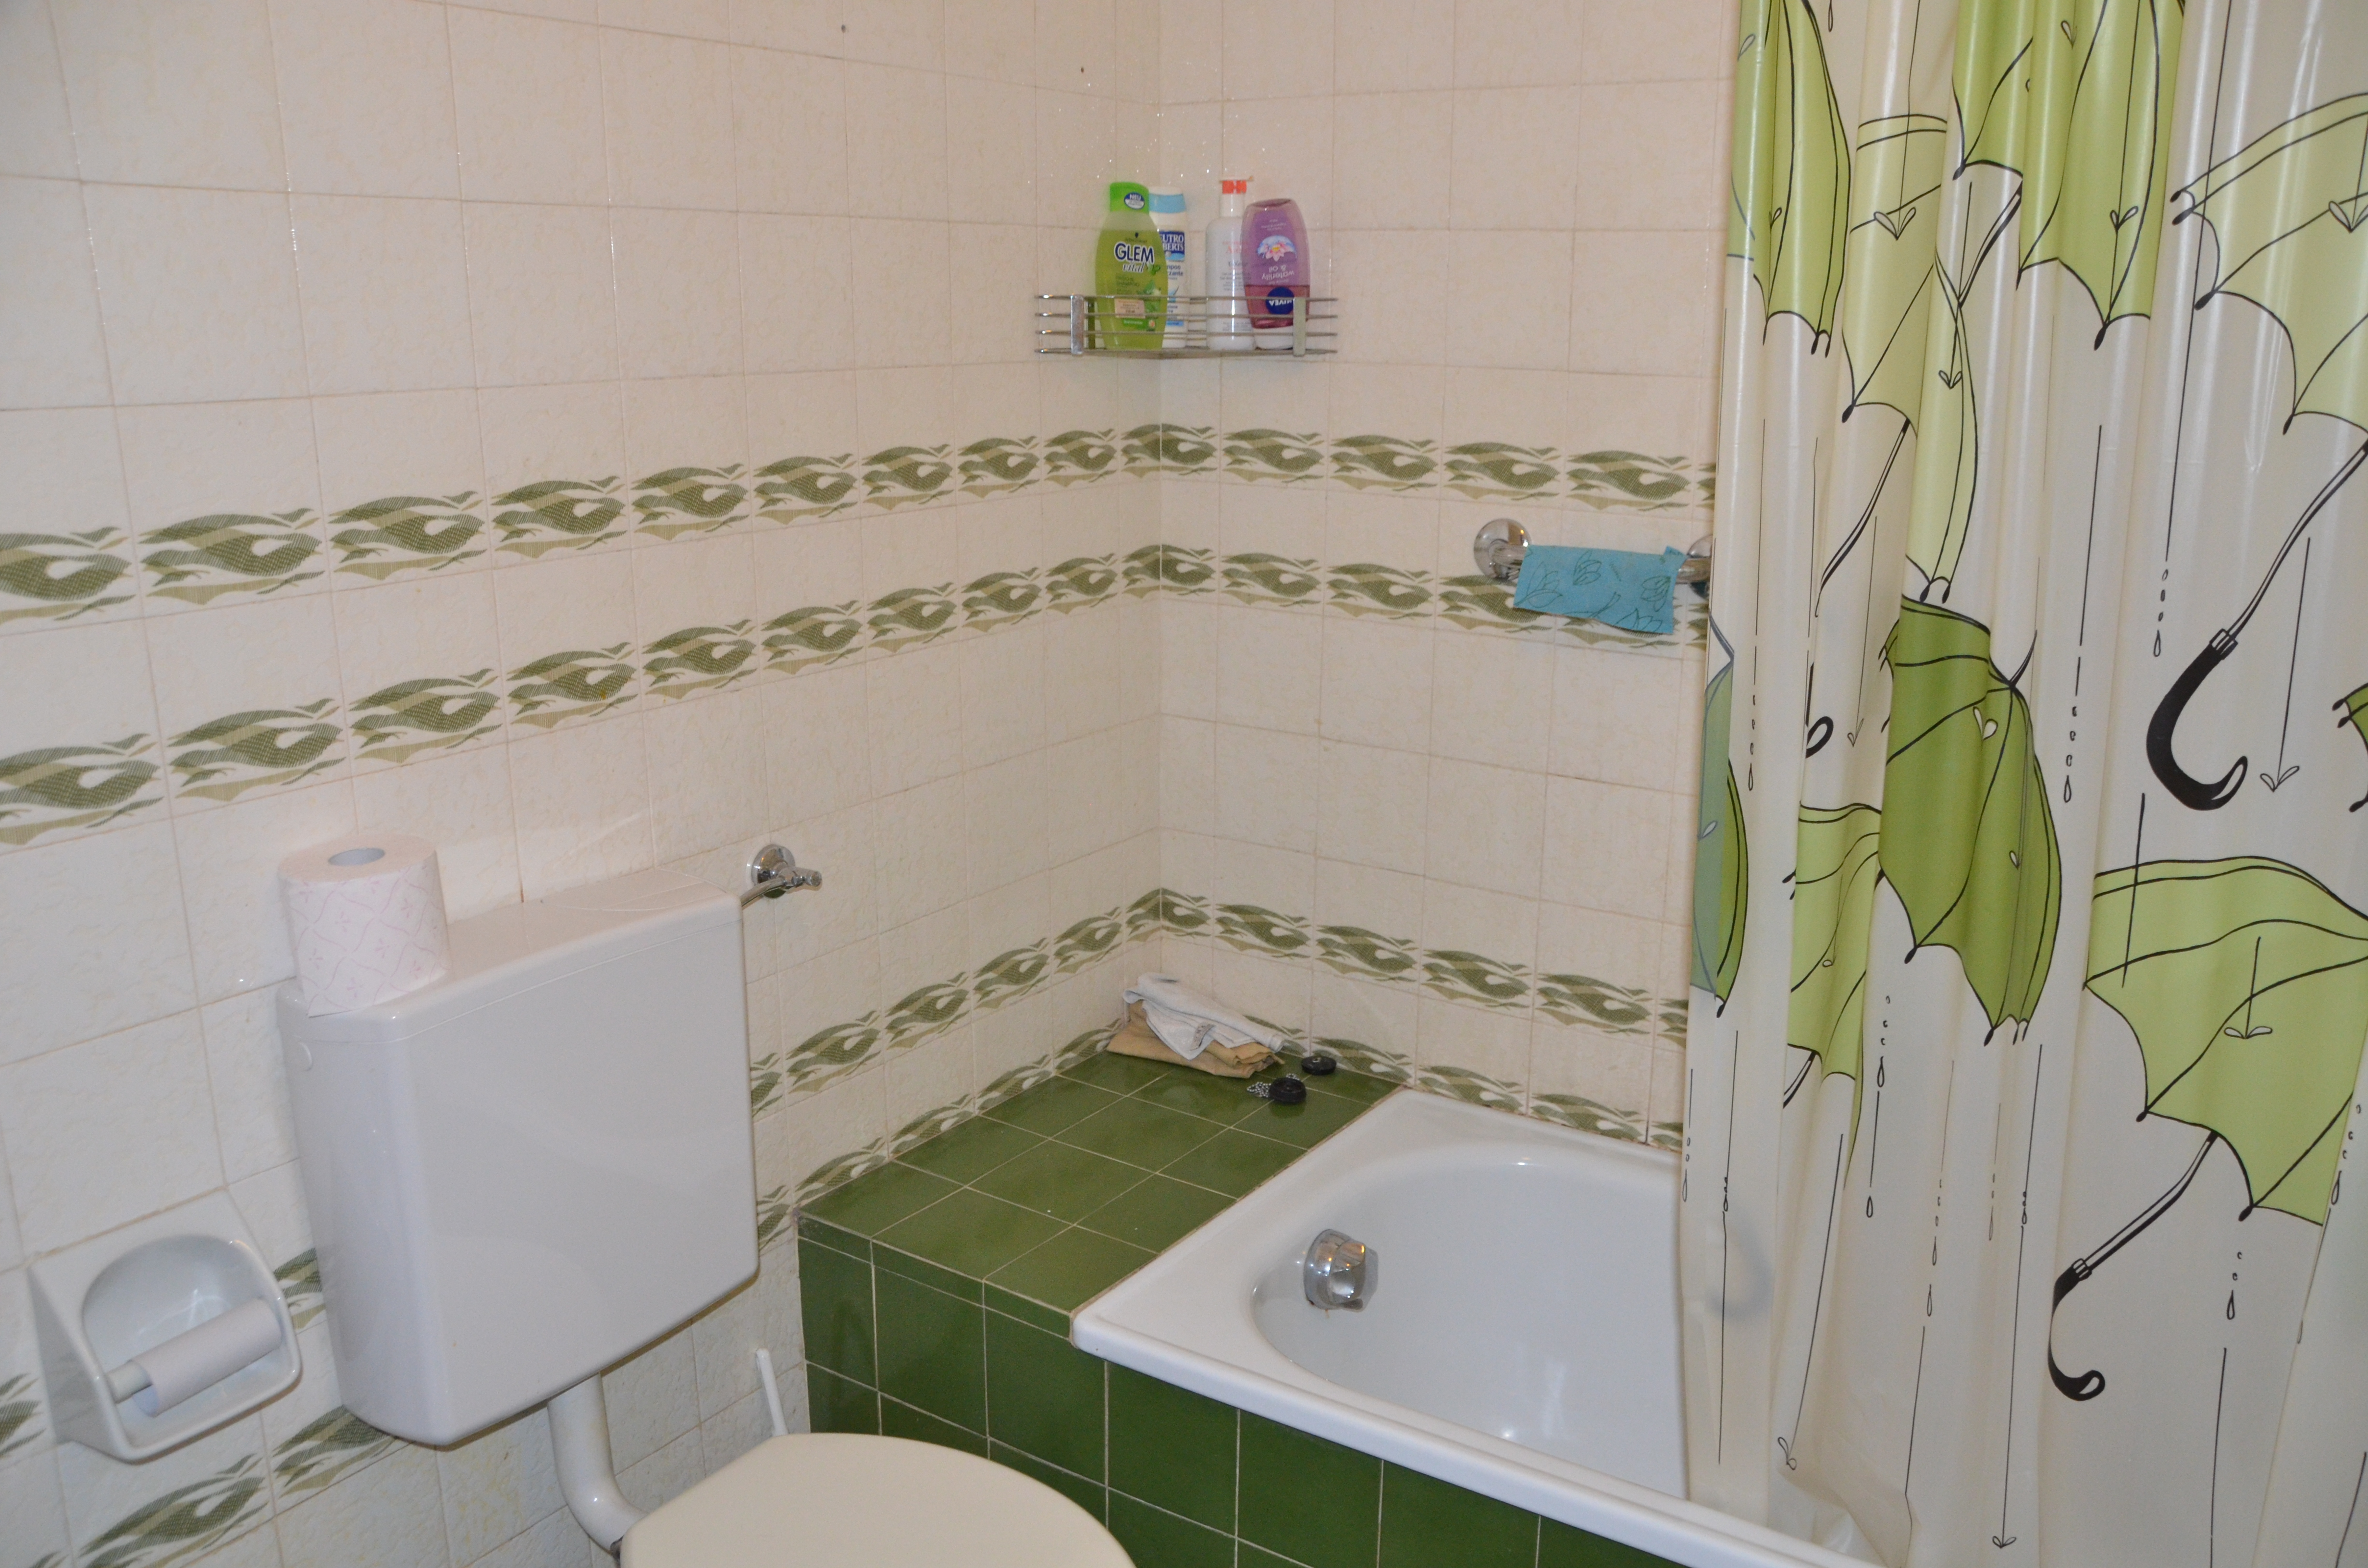 Vasca Da Bagno Di Inglese : Vasca da bagno inglese images bello vasca da bagno in